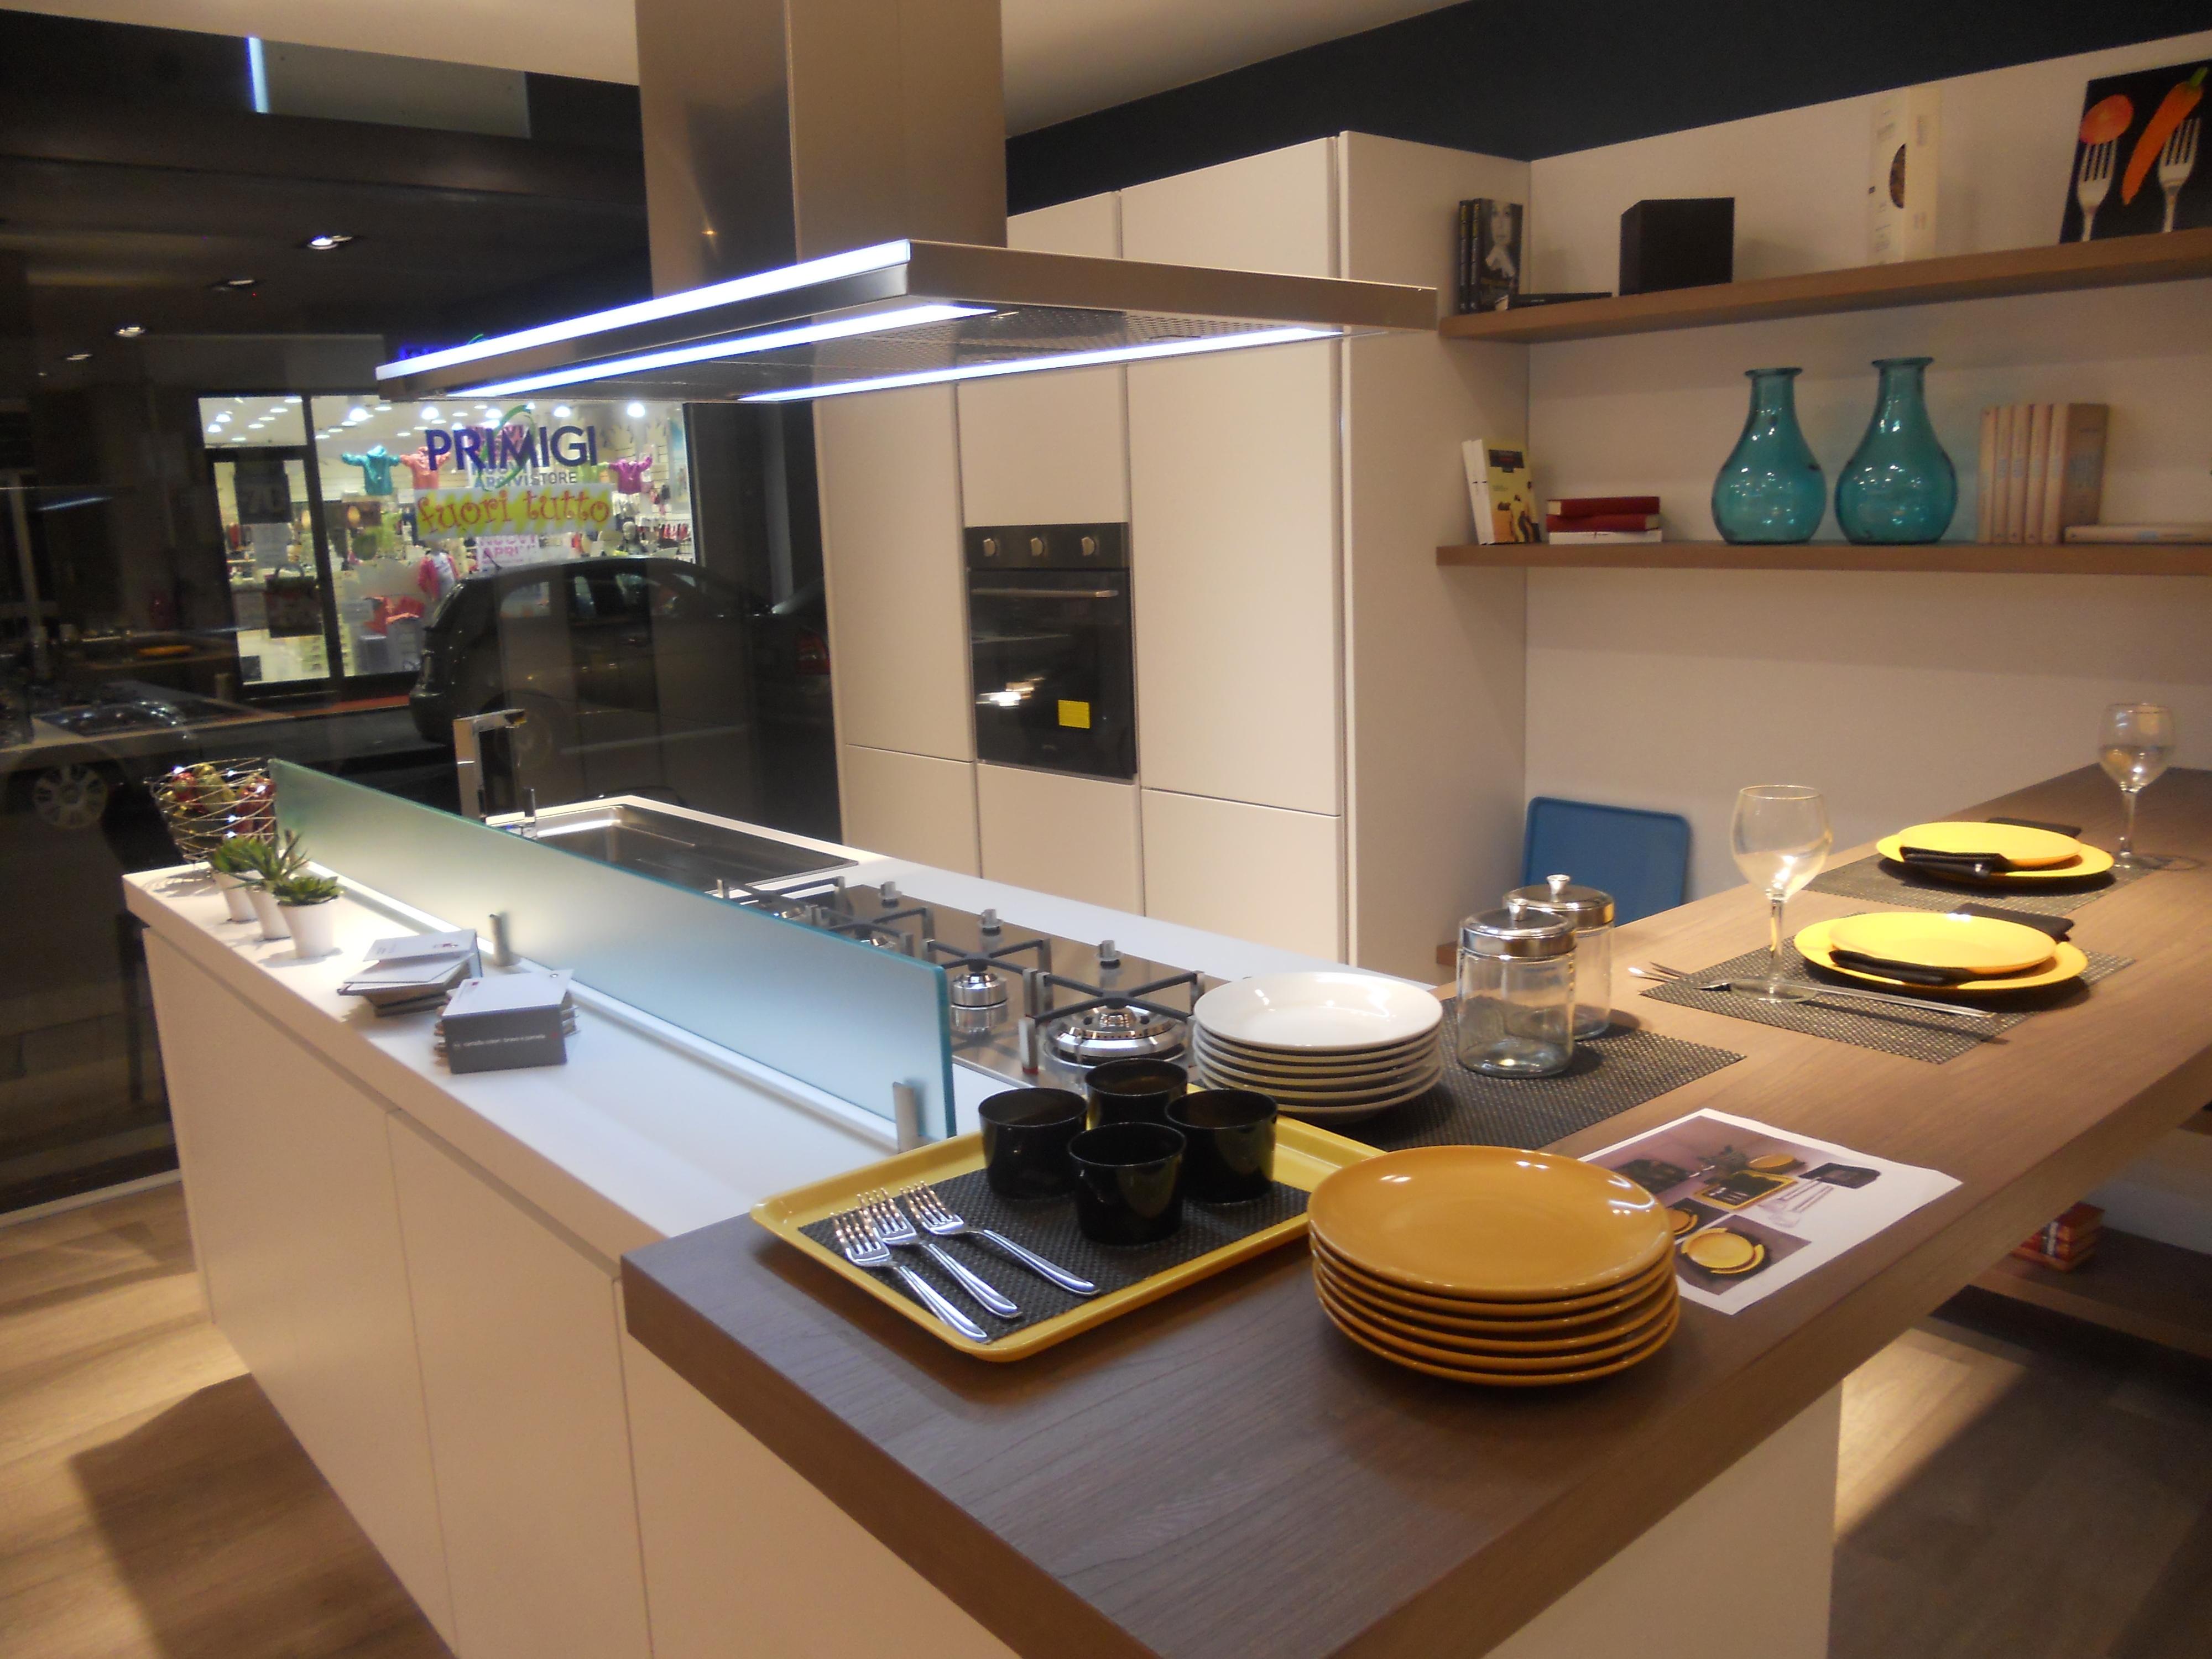 Stunning Cucina Lube Modello Brava Gallery - Home Ideas - tyger.us